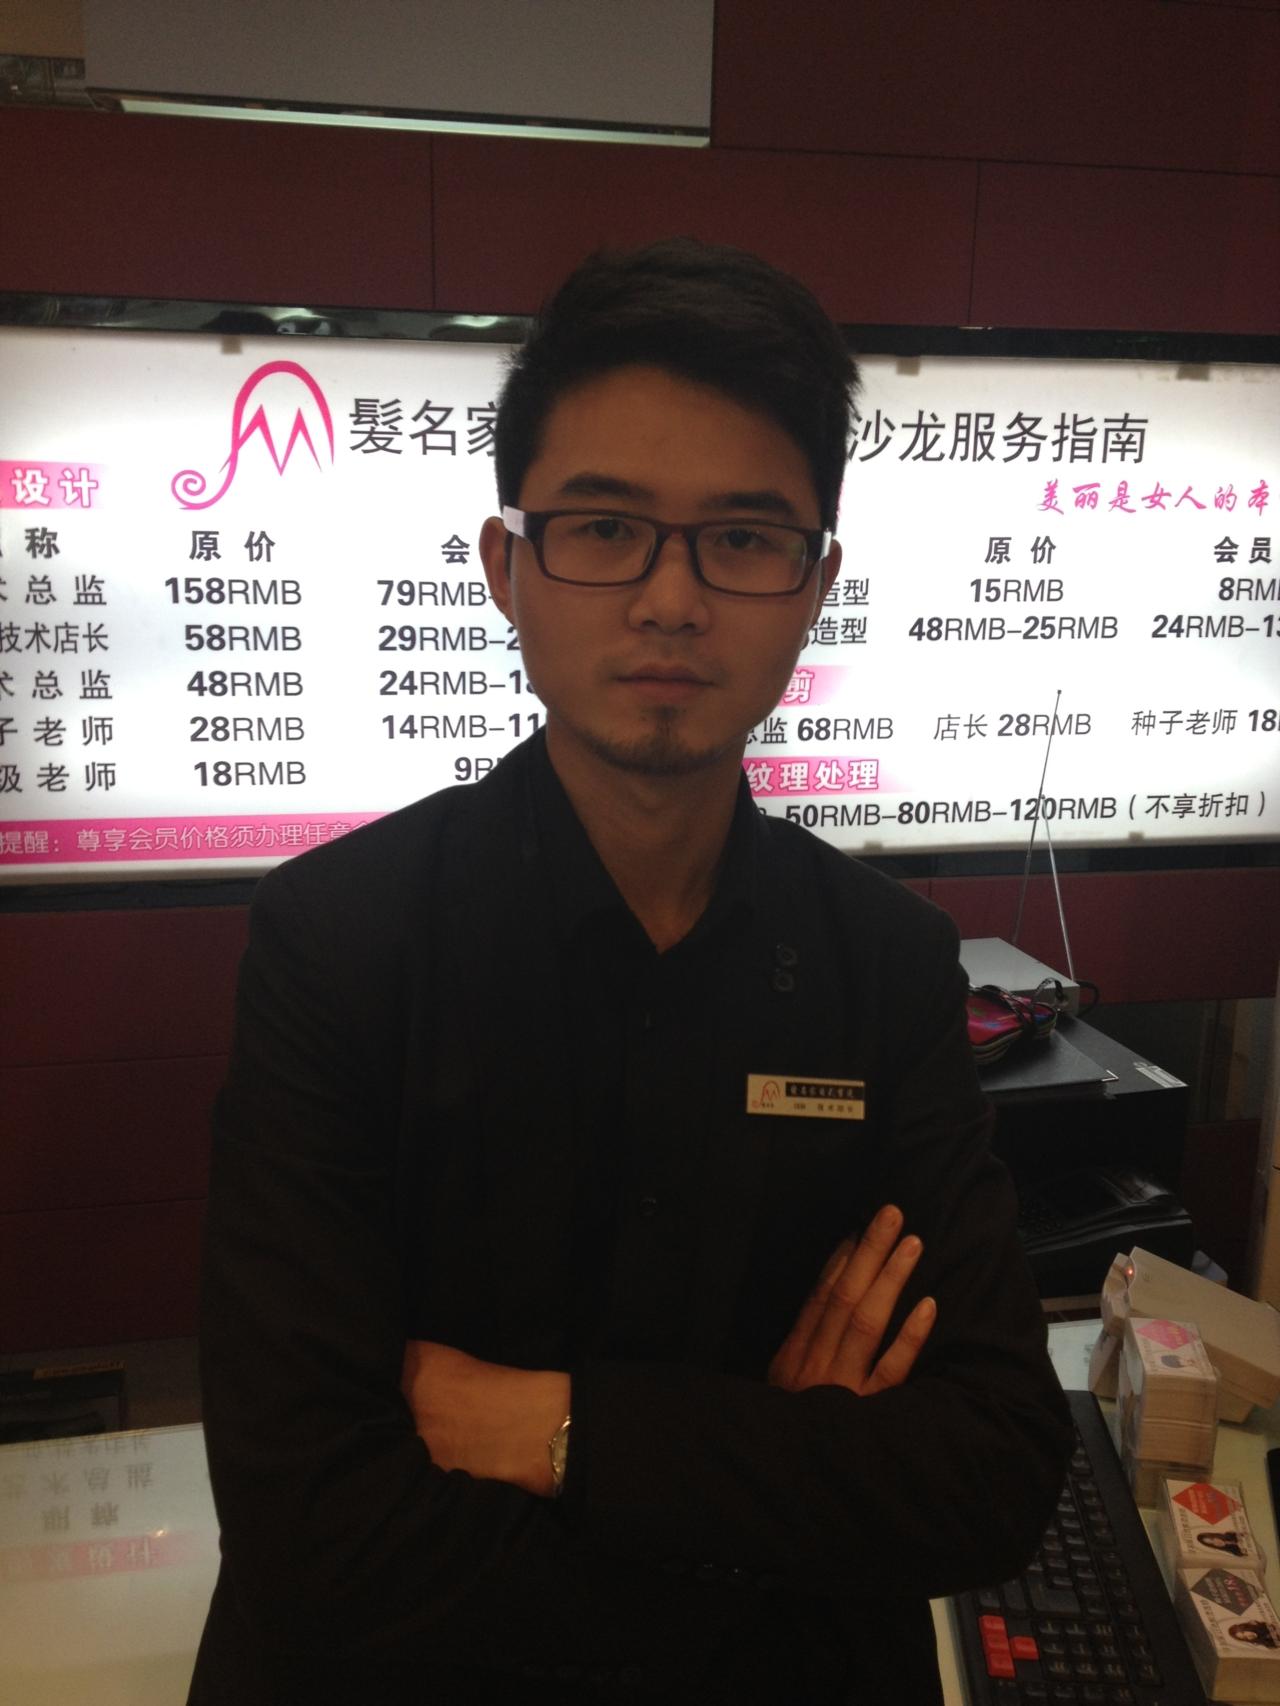 王顺-总店,种子老师